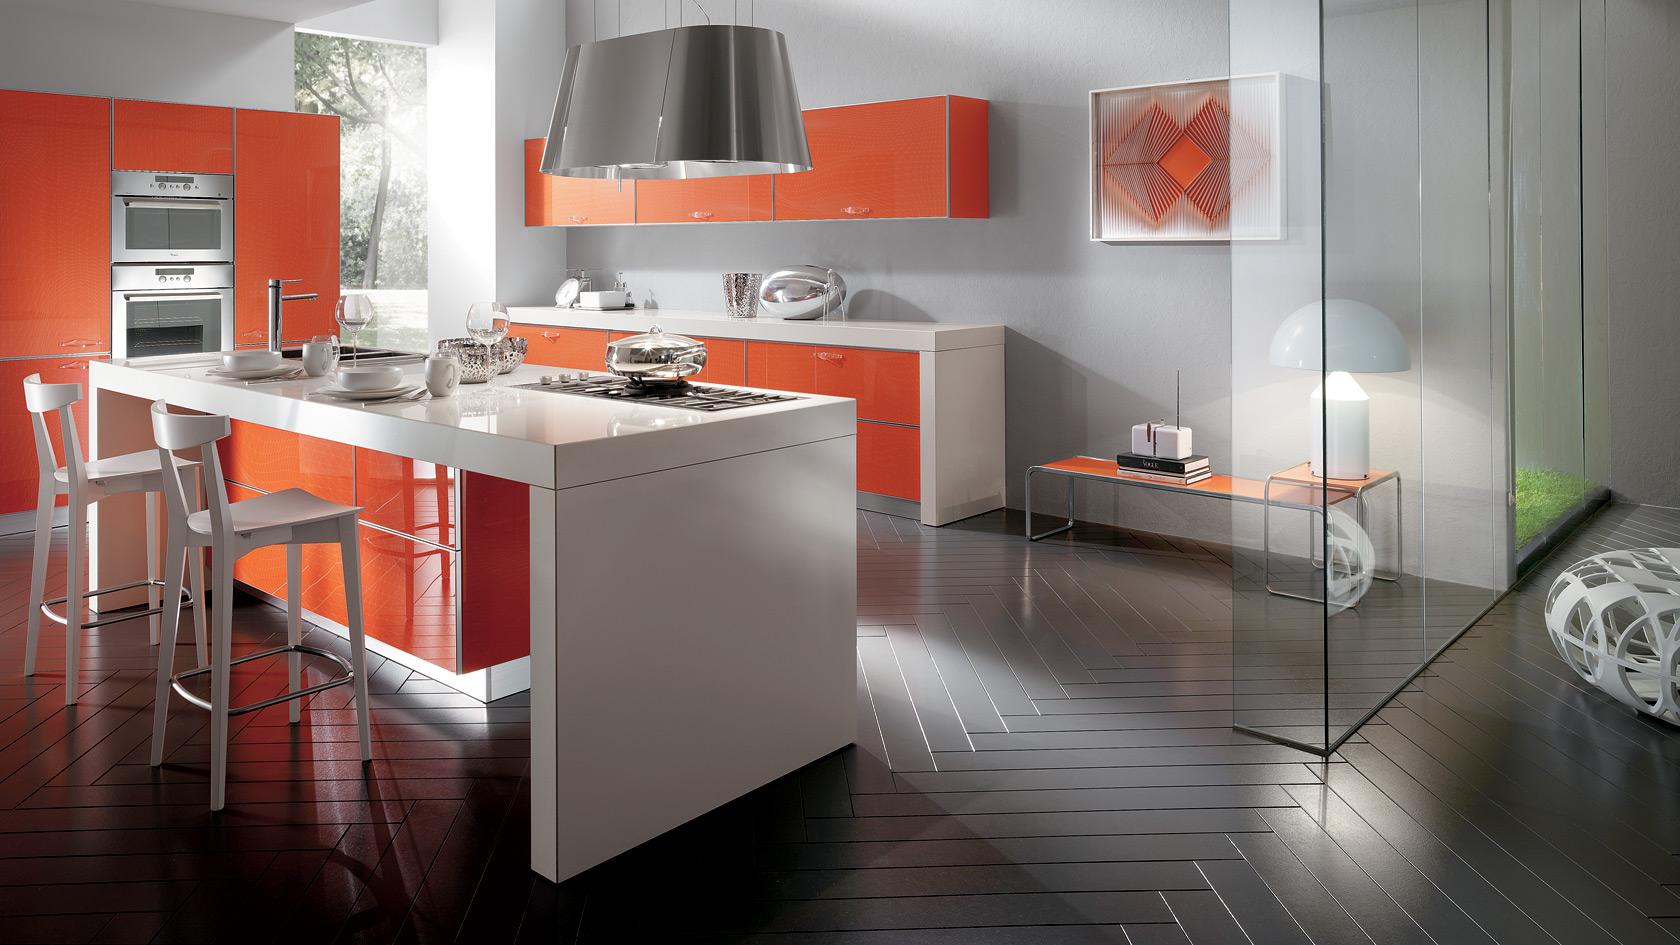 cucina-scavolini-crystal-arredamenti-modena-3 - Arredamenti ...